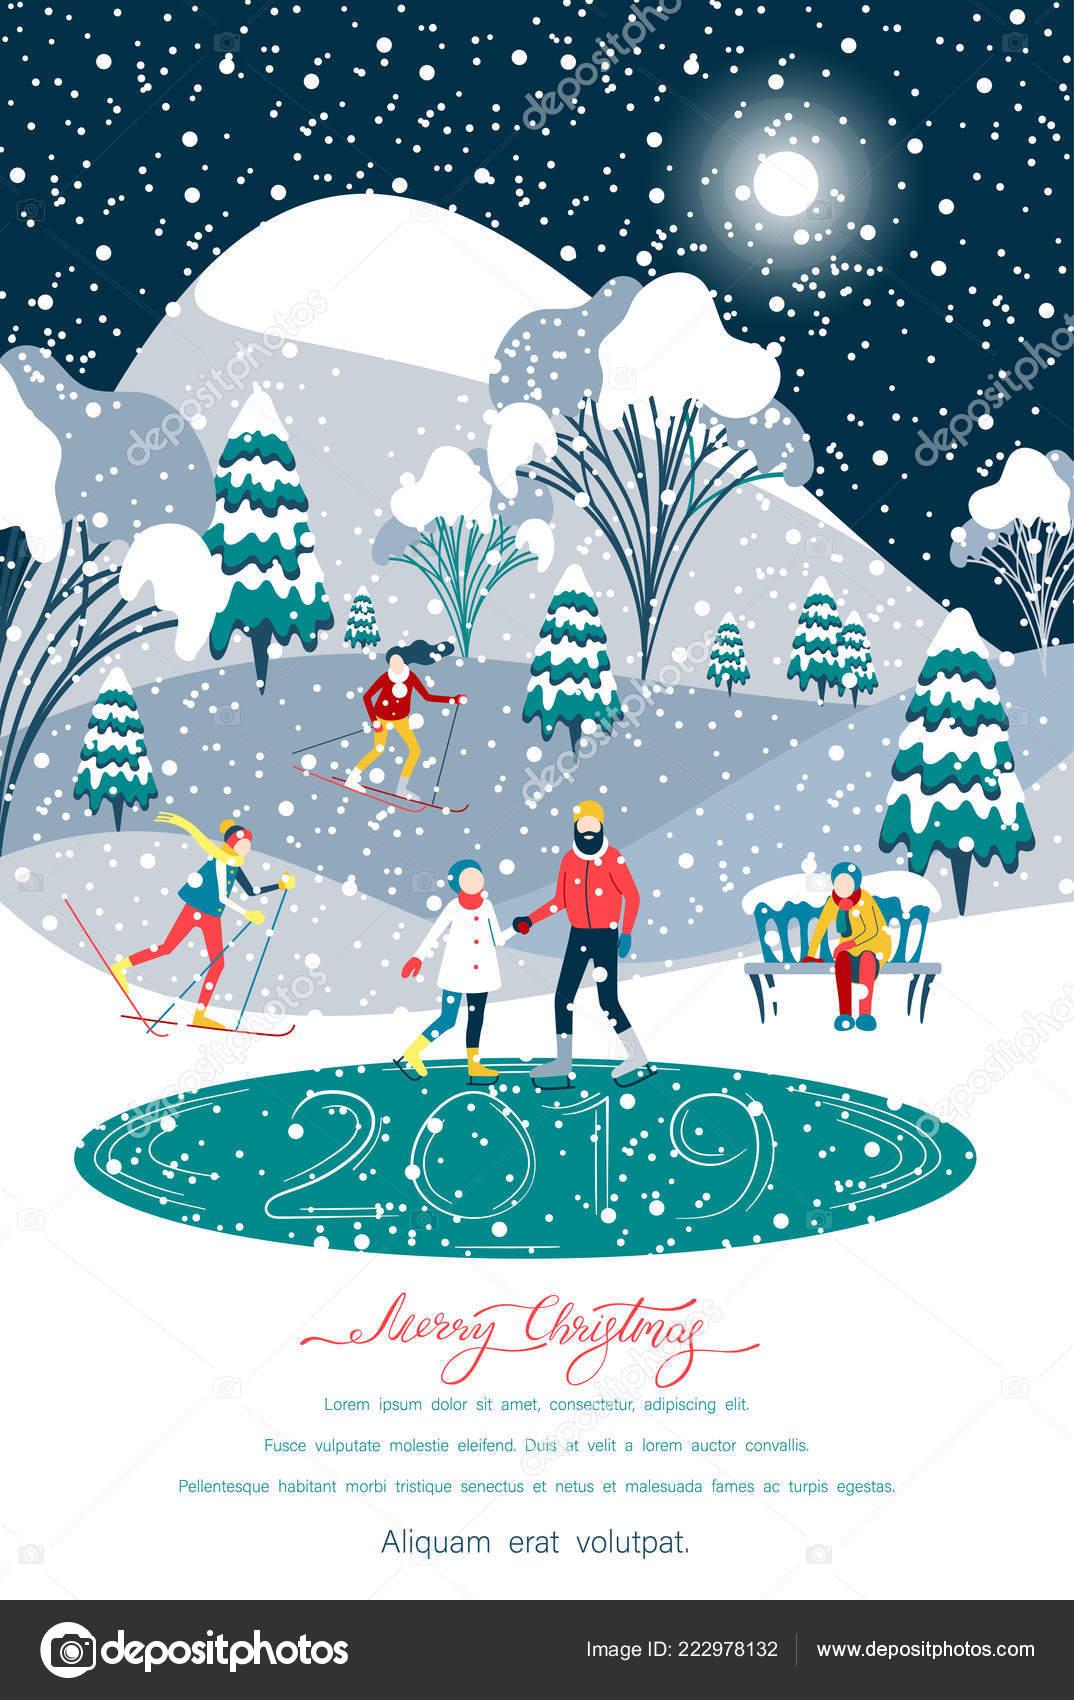 Skifahren über Weihnachten 2019.Frohe Weihnachten 2019 Poster Mit Passanten Draußen Im Park